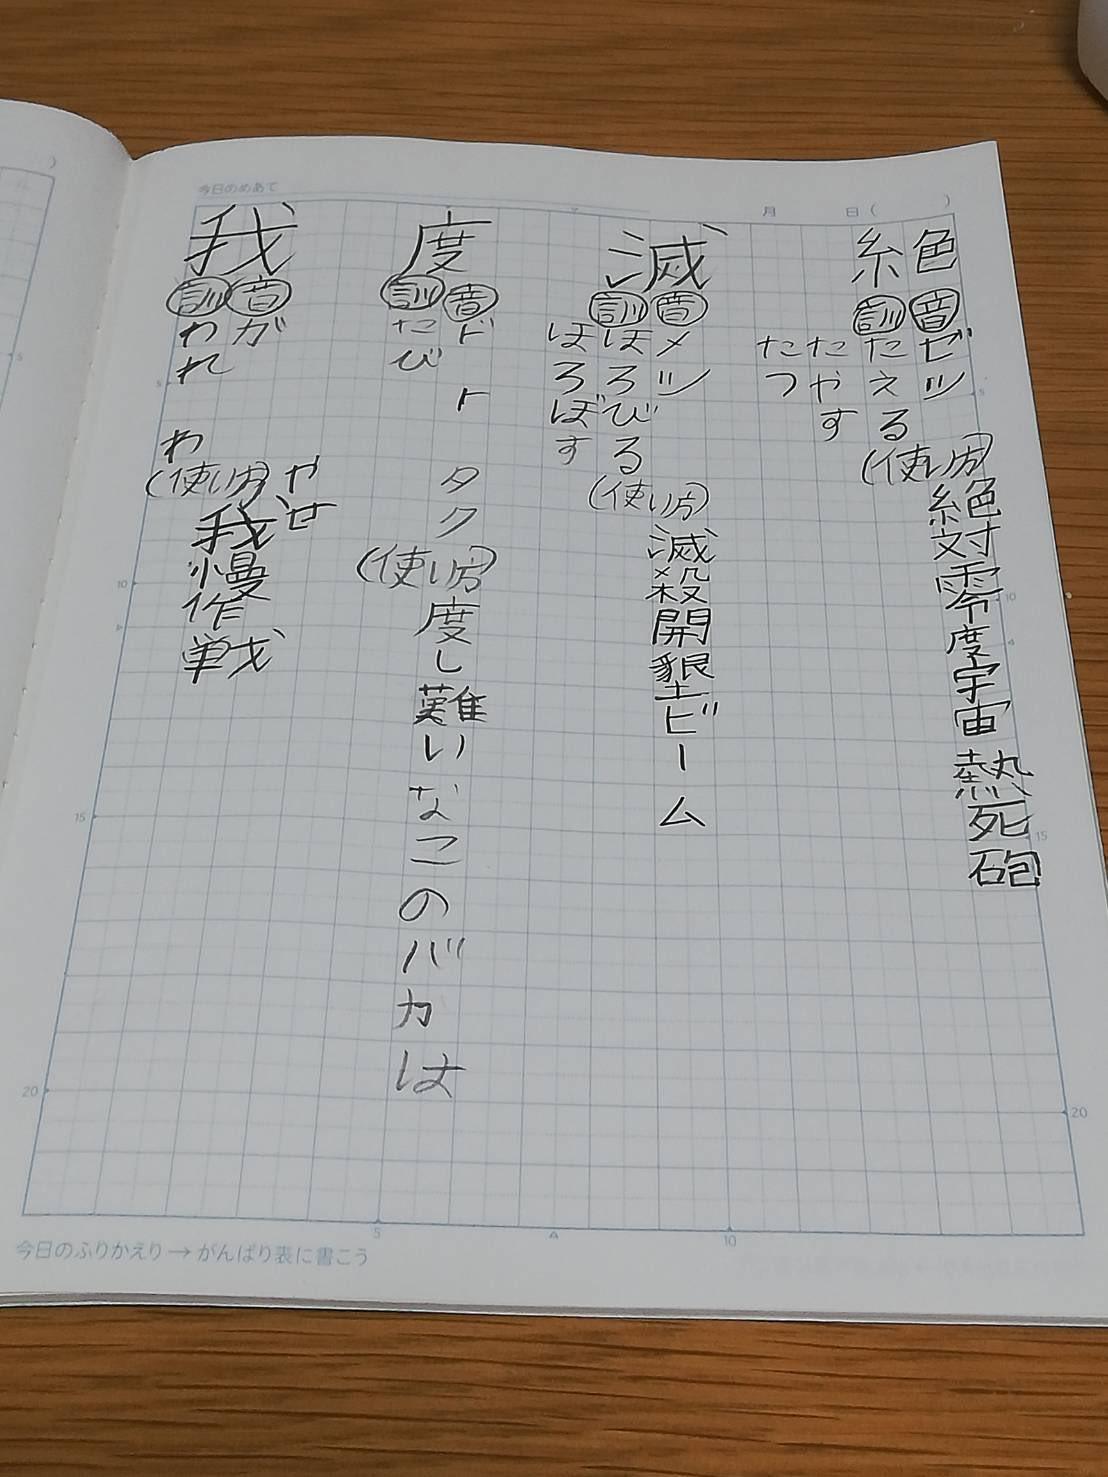 痛ッ…wwww10歳児が作った漢字練習帳が痛ノートすぎるwww